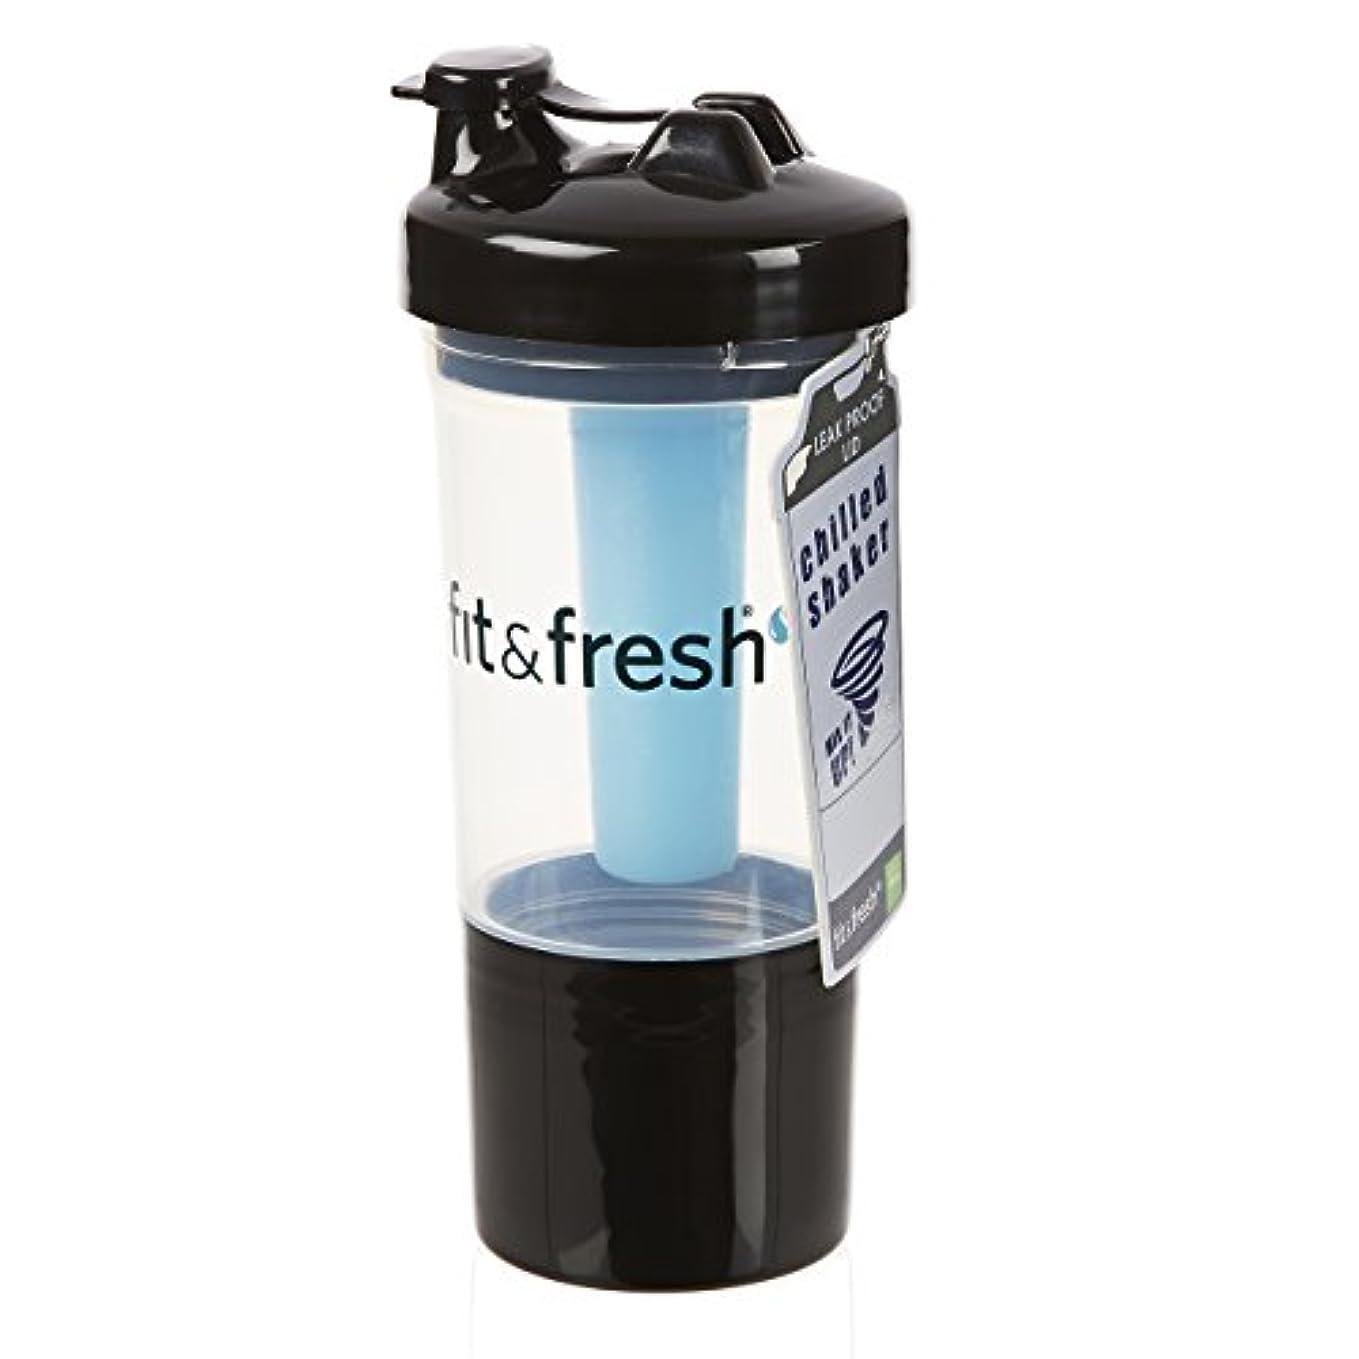 小学生意気消沈したを除くFit & Fresh, CleanTek, Shaker Cup with Ice Wand Agitator & Storage Cup, 1 Cup